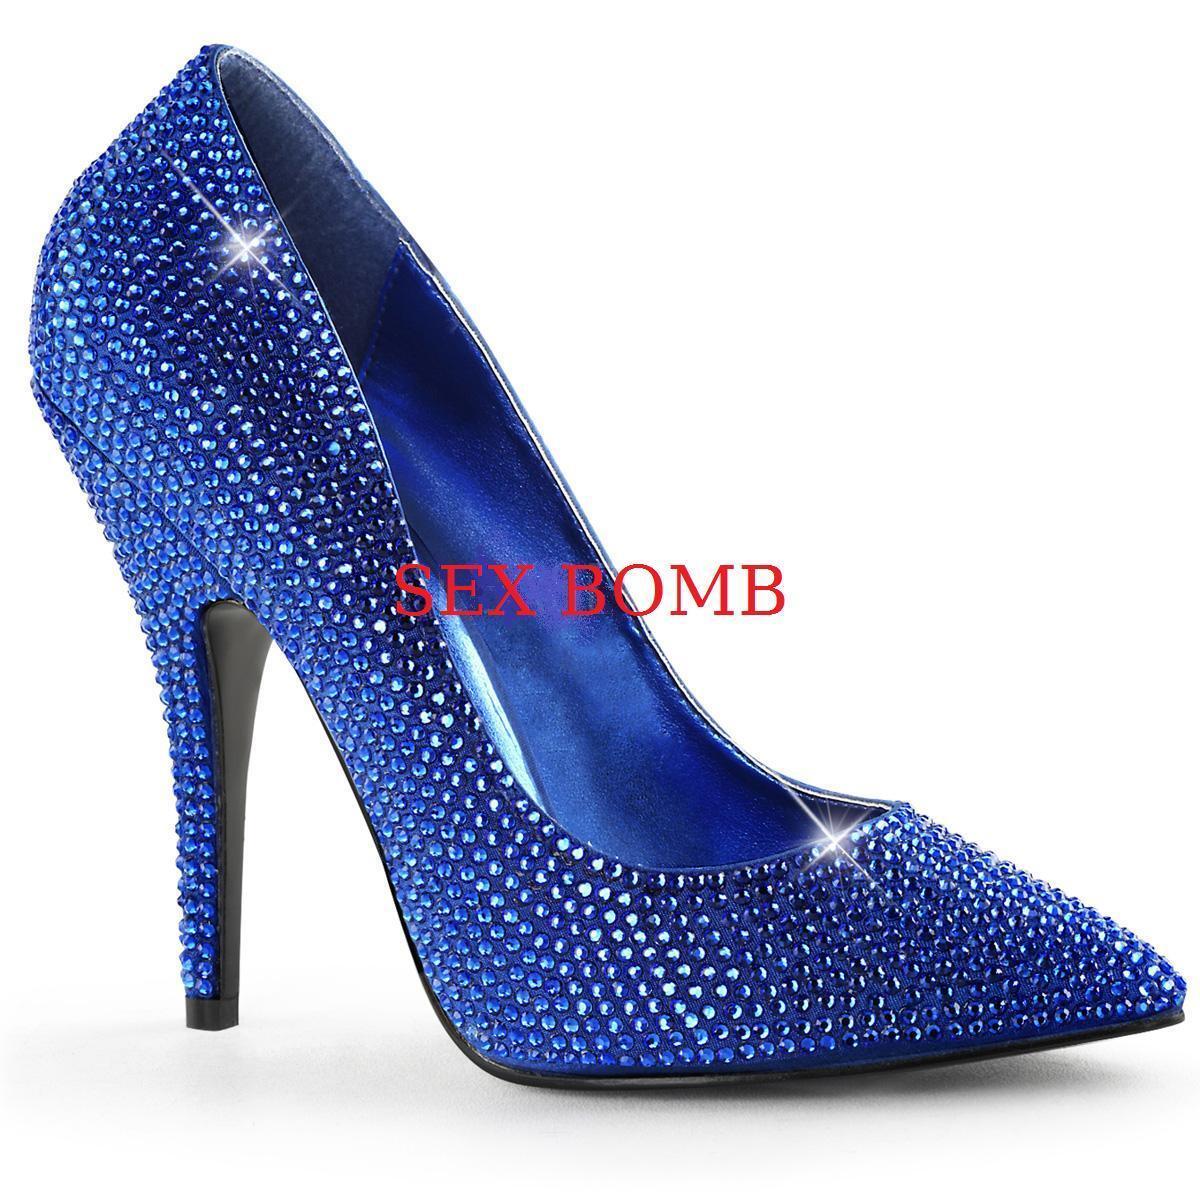 promozioni eccitanti SEXY scarpe decolte STRASS tacco 13 cm BLU ROYAL ROYAL ROYAL dal 35 al 41 satin GLAMOUR  spedizione gratuita in tutto il mondo